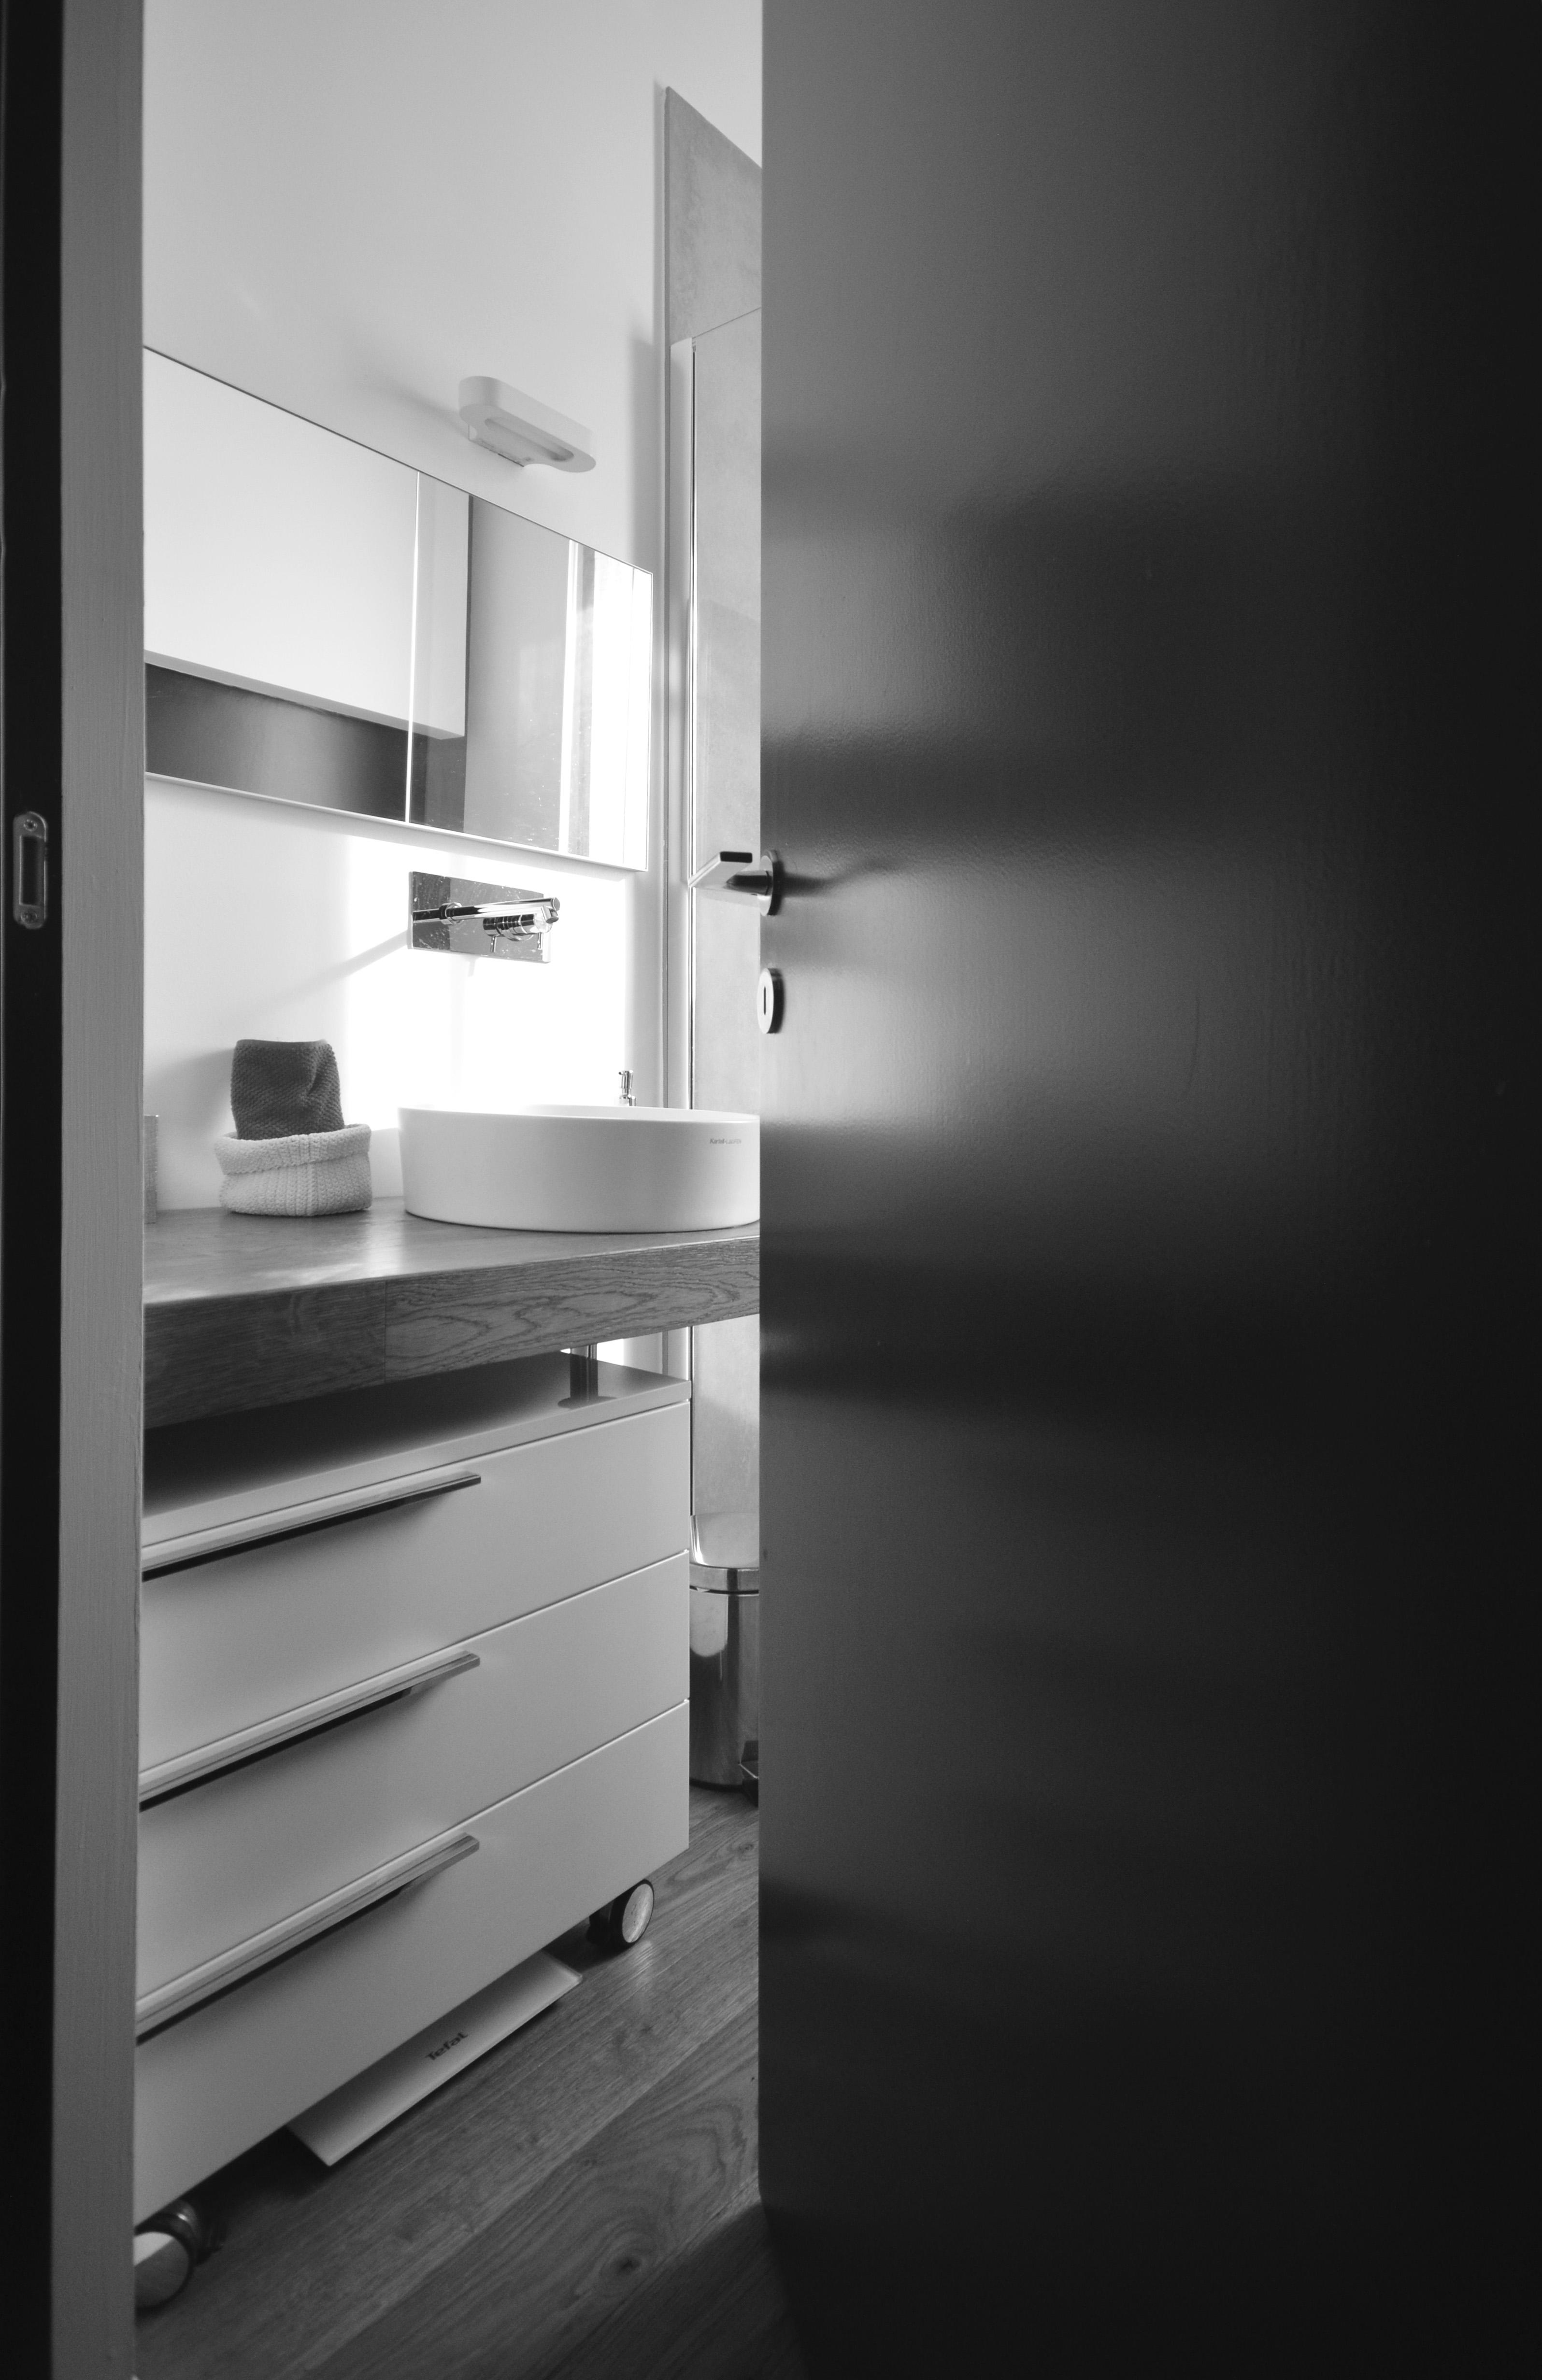 casa MB SR. bagno secondario.